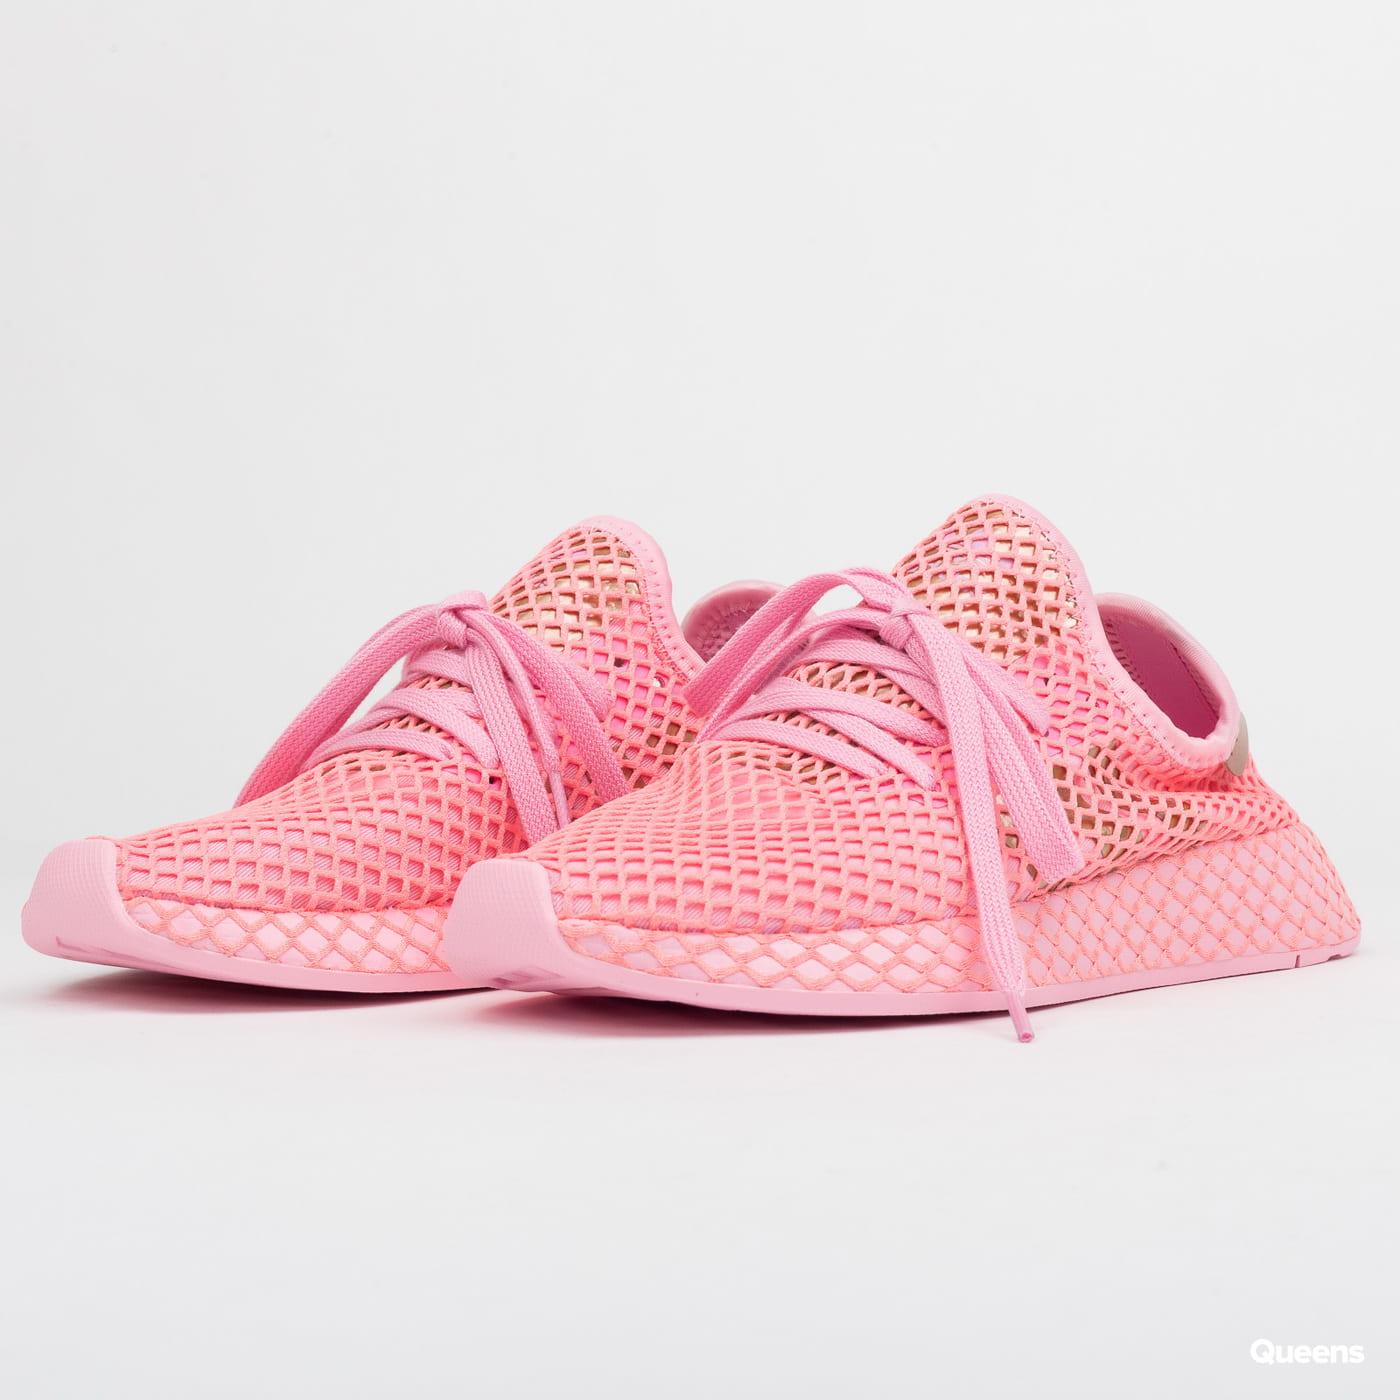 adidas Originals Deerupt Runner W trupnk coppmt glopnk